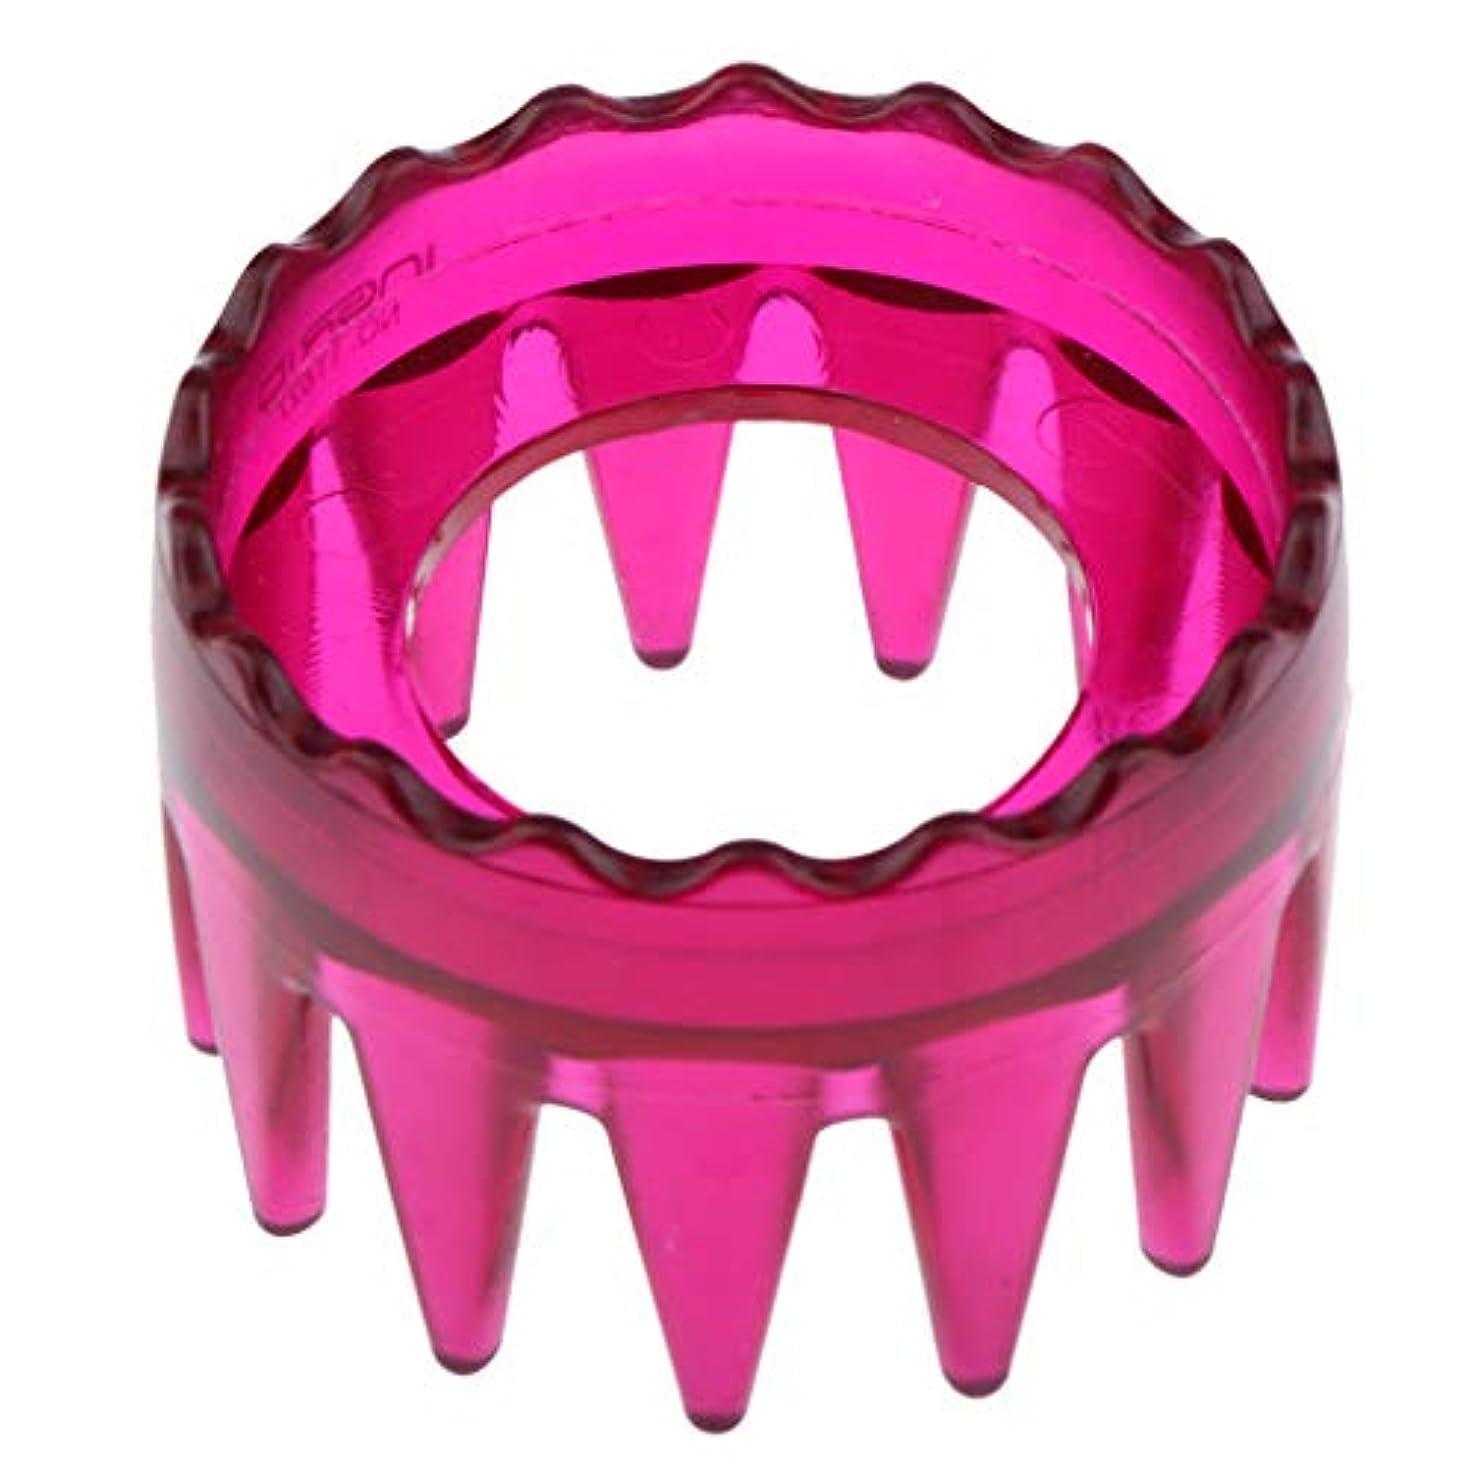 連合チューブ達成可能全4色 シャンプーブラシ 洗髪櫛 マッサージャー ヘアコーム ヘアブラシ 直径約6cm プラスチック製 - ローズレッド